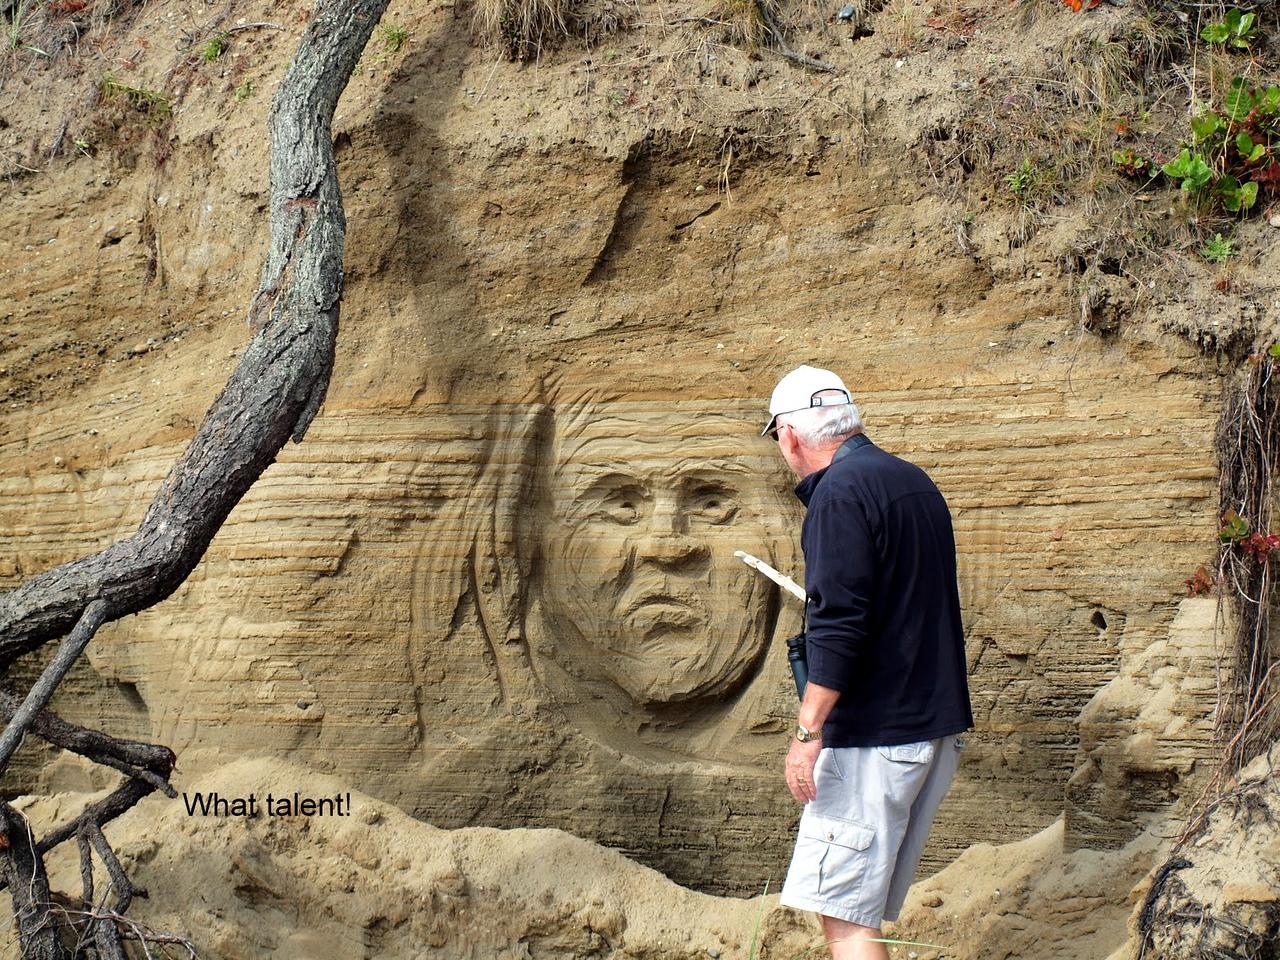 Cool art along the beach!